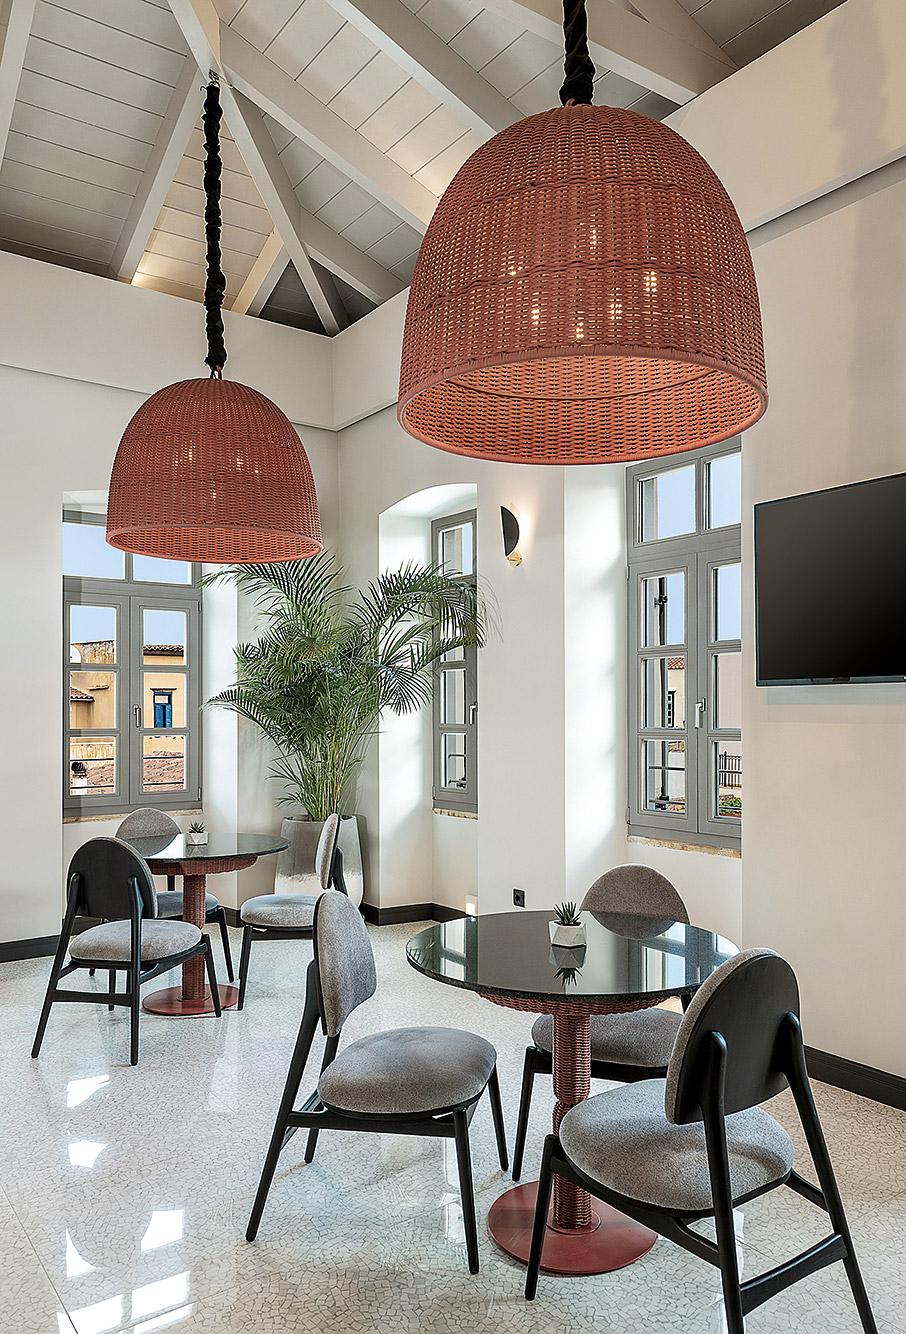 to-malmo-historic-hotel-itan-kapote-vivliothiki5